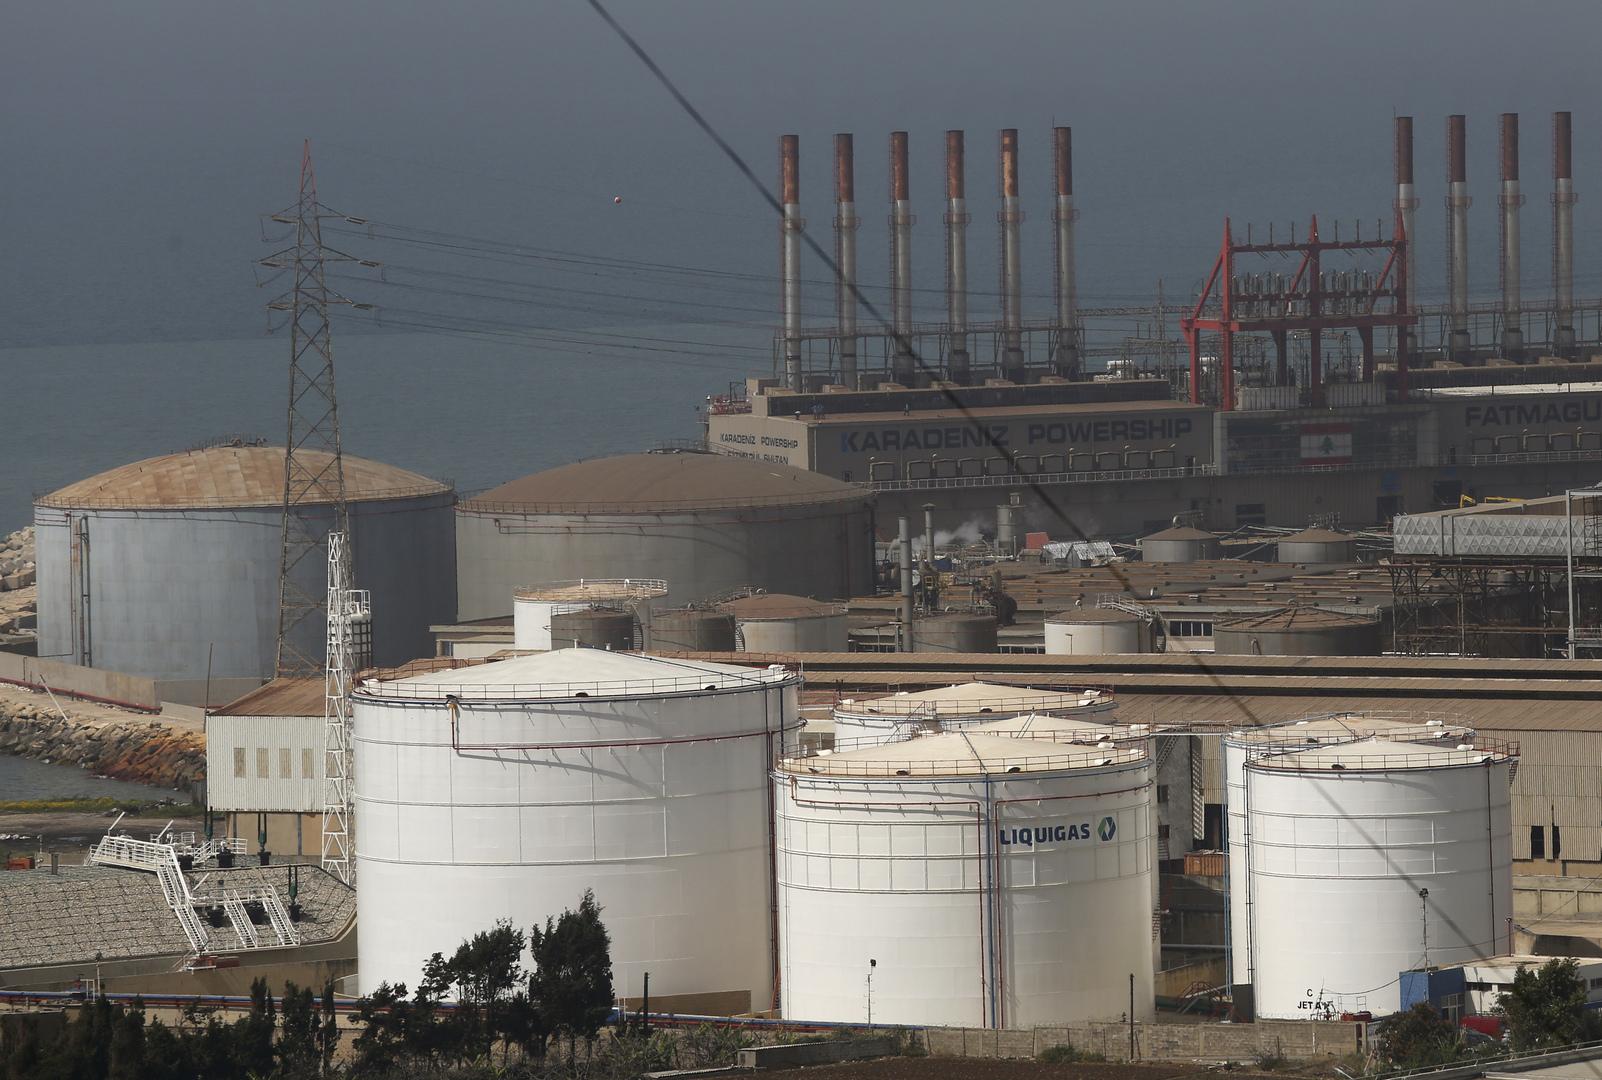 وصول الشحنة الأولى من الفيول العراقي إلى لبنان